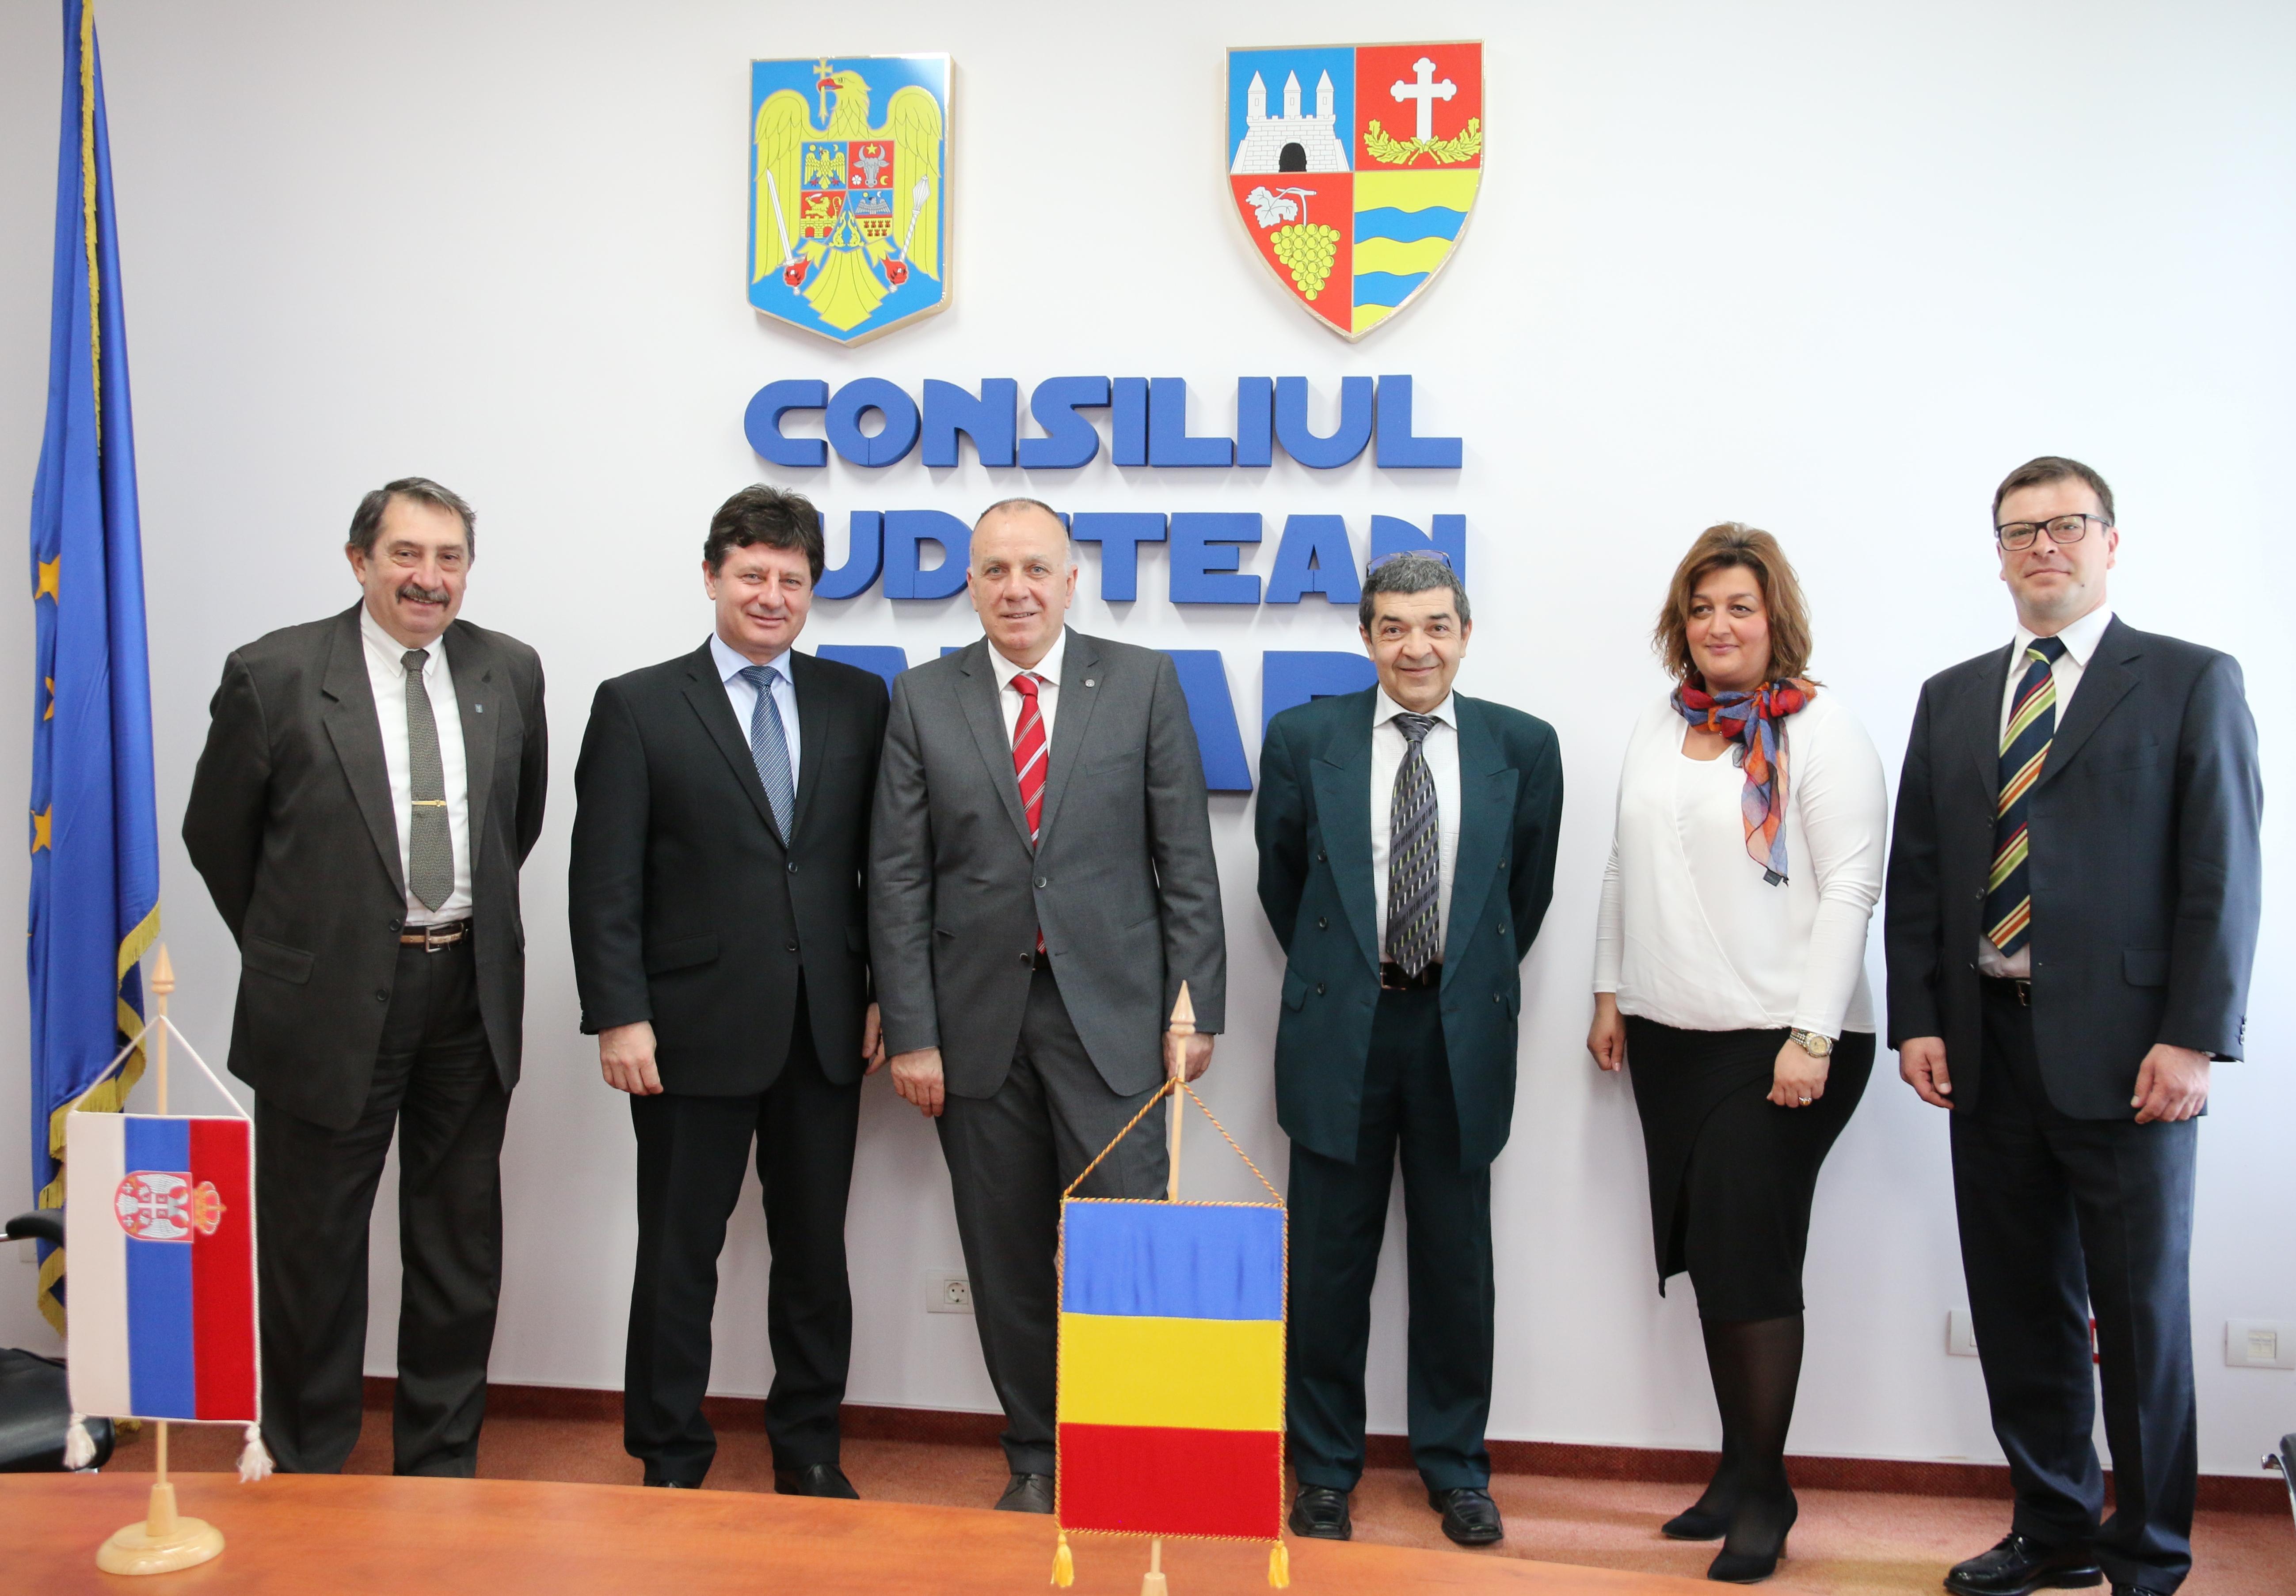 Iustin Cionca, preşedintele Consiliului Judeţean Arad, s-a întâlnit astăzi, 10.04.2017, cu o delegaţie a Camerei de Comerţ din Vojvodina